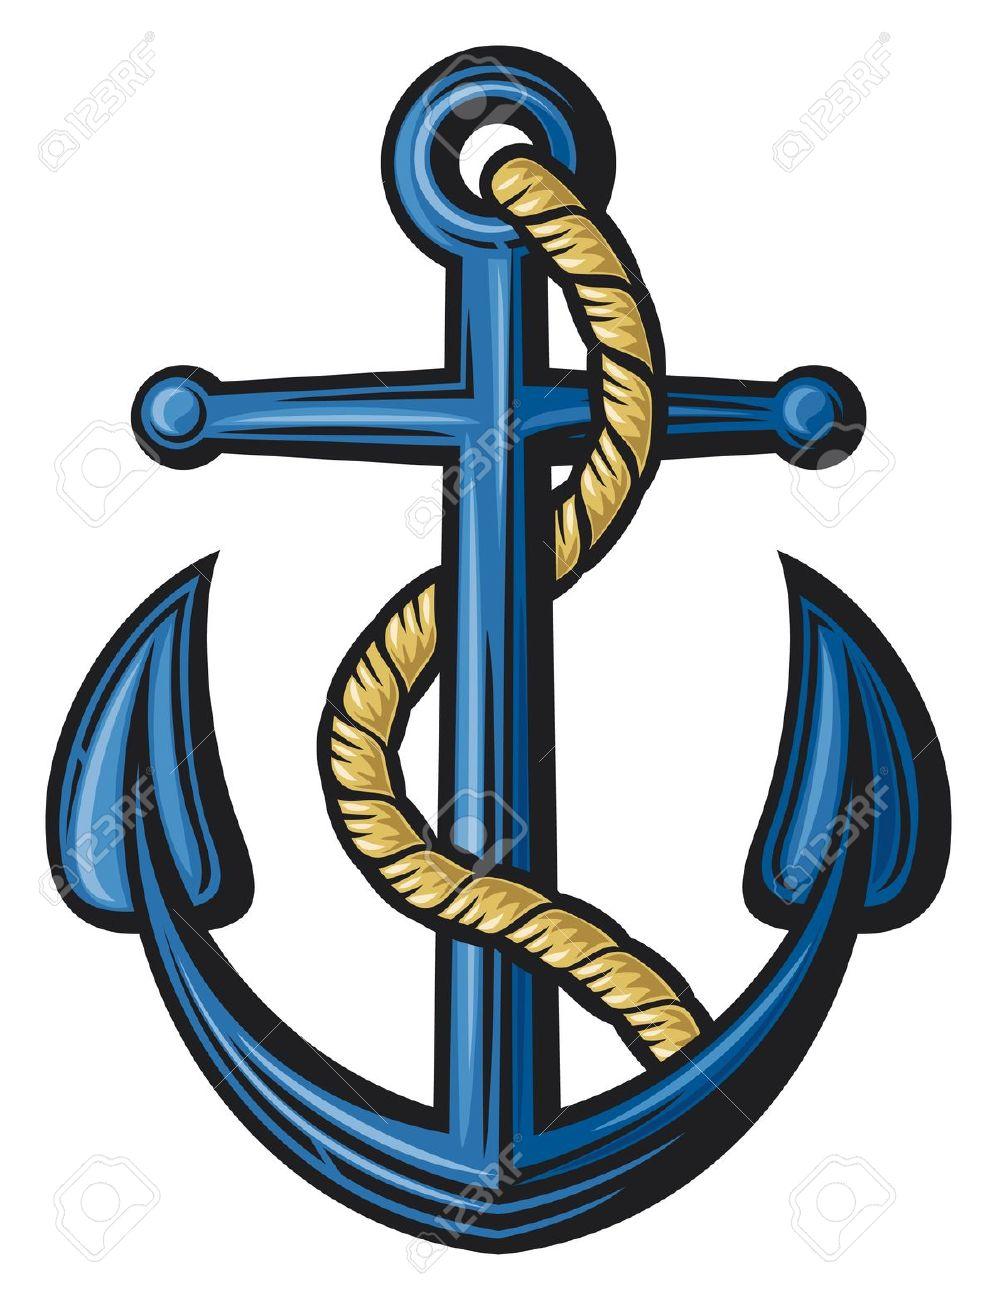 997x1300 Navy Clipart Navy Boat